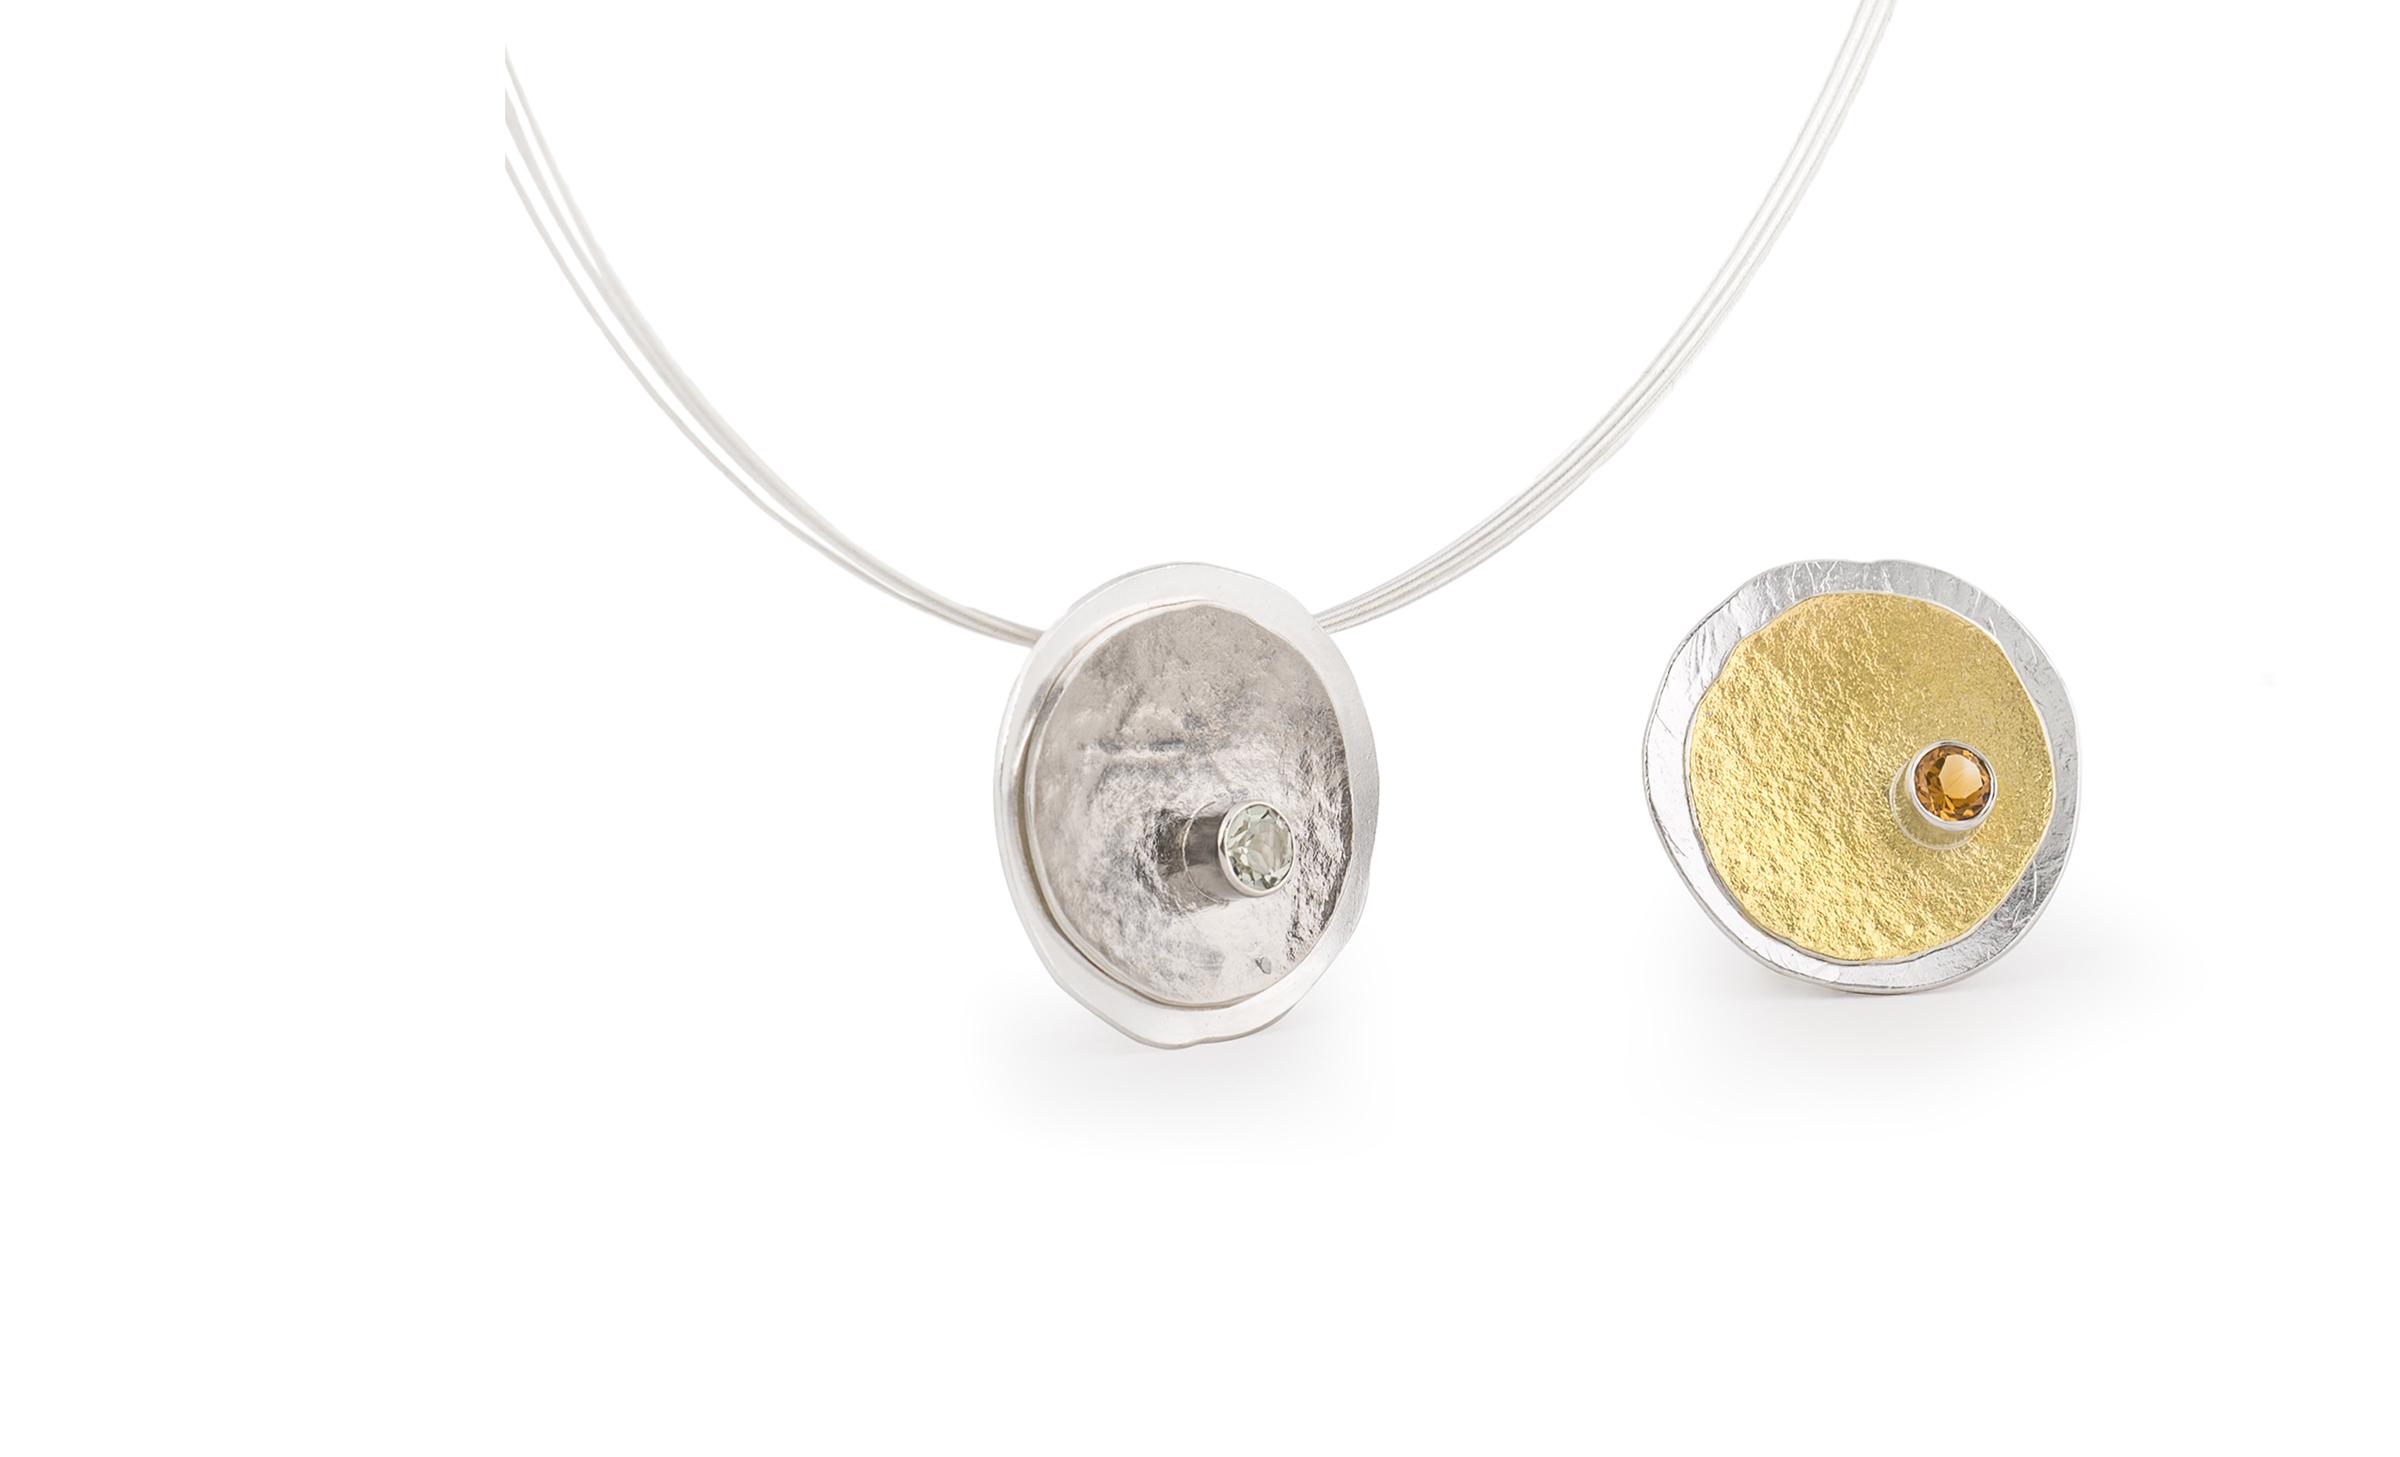 Collier en argent et or 22 carats ethique avec citrine ou palladium et prasiolithe © Yasmin Yahya mlg